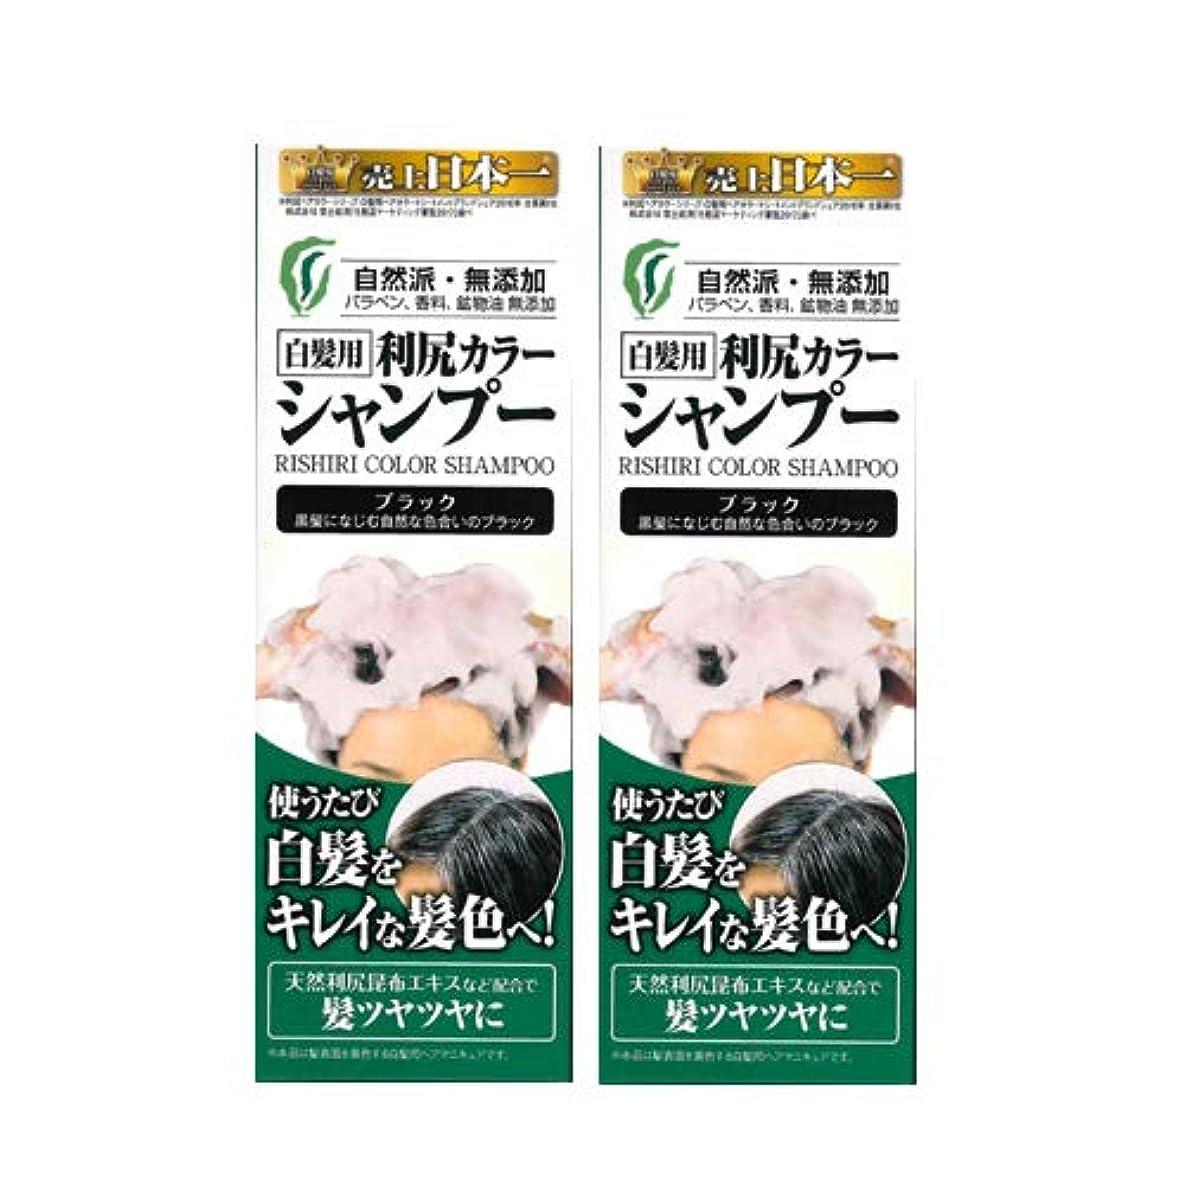 対人醸造所適合する利尻カラーシャンプー2本セット(ブラック)